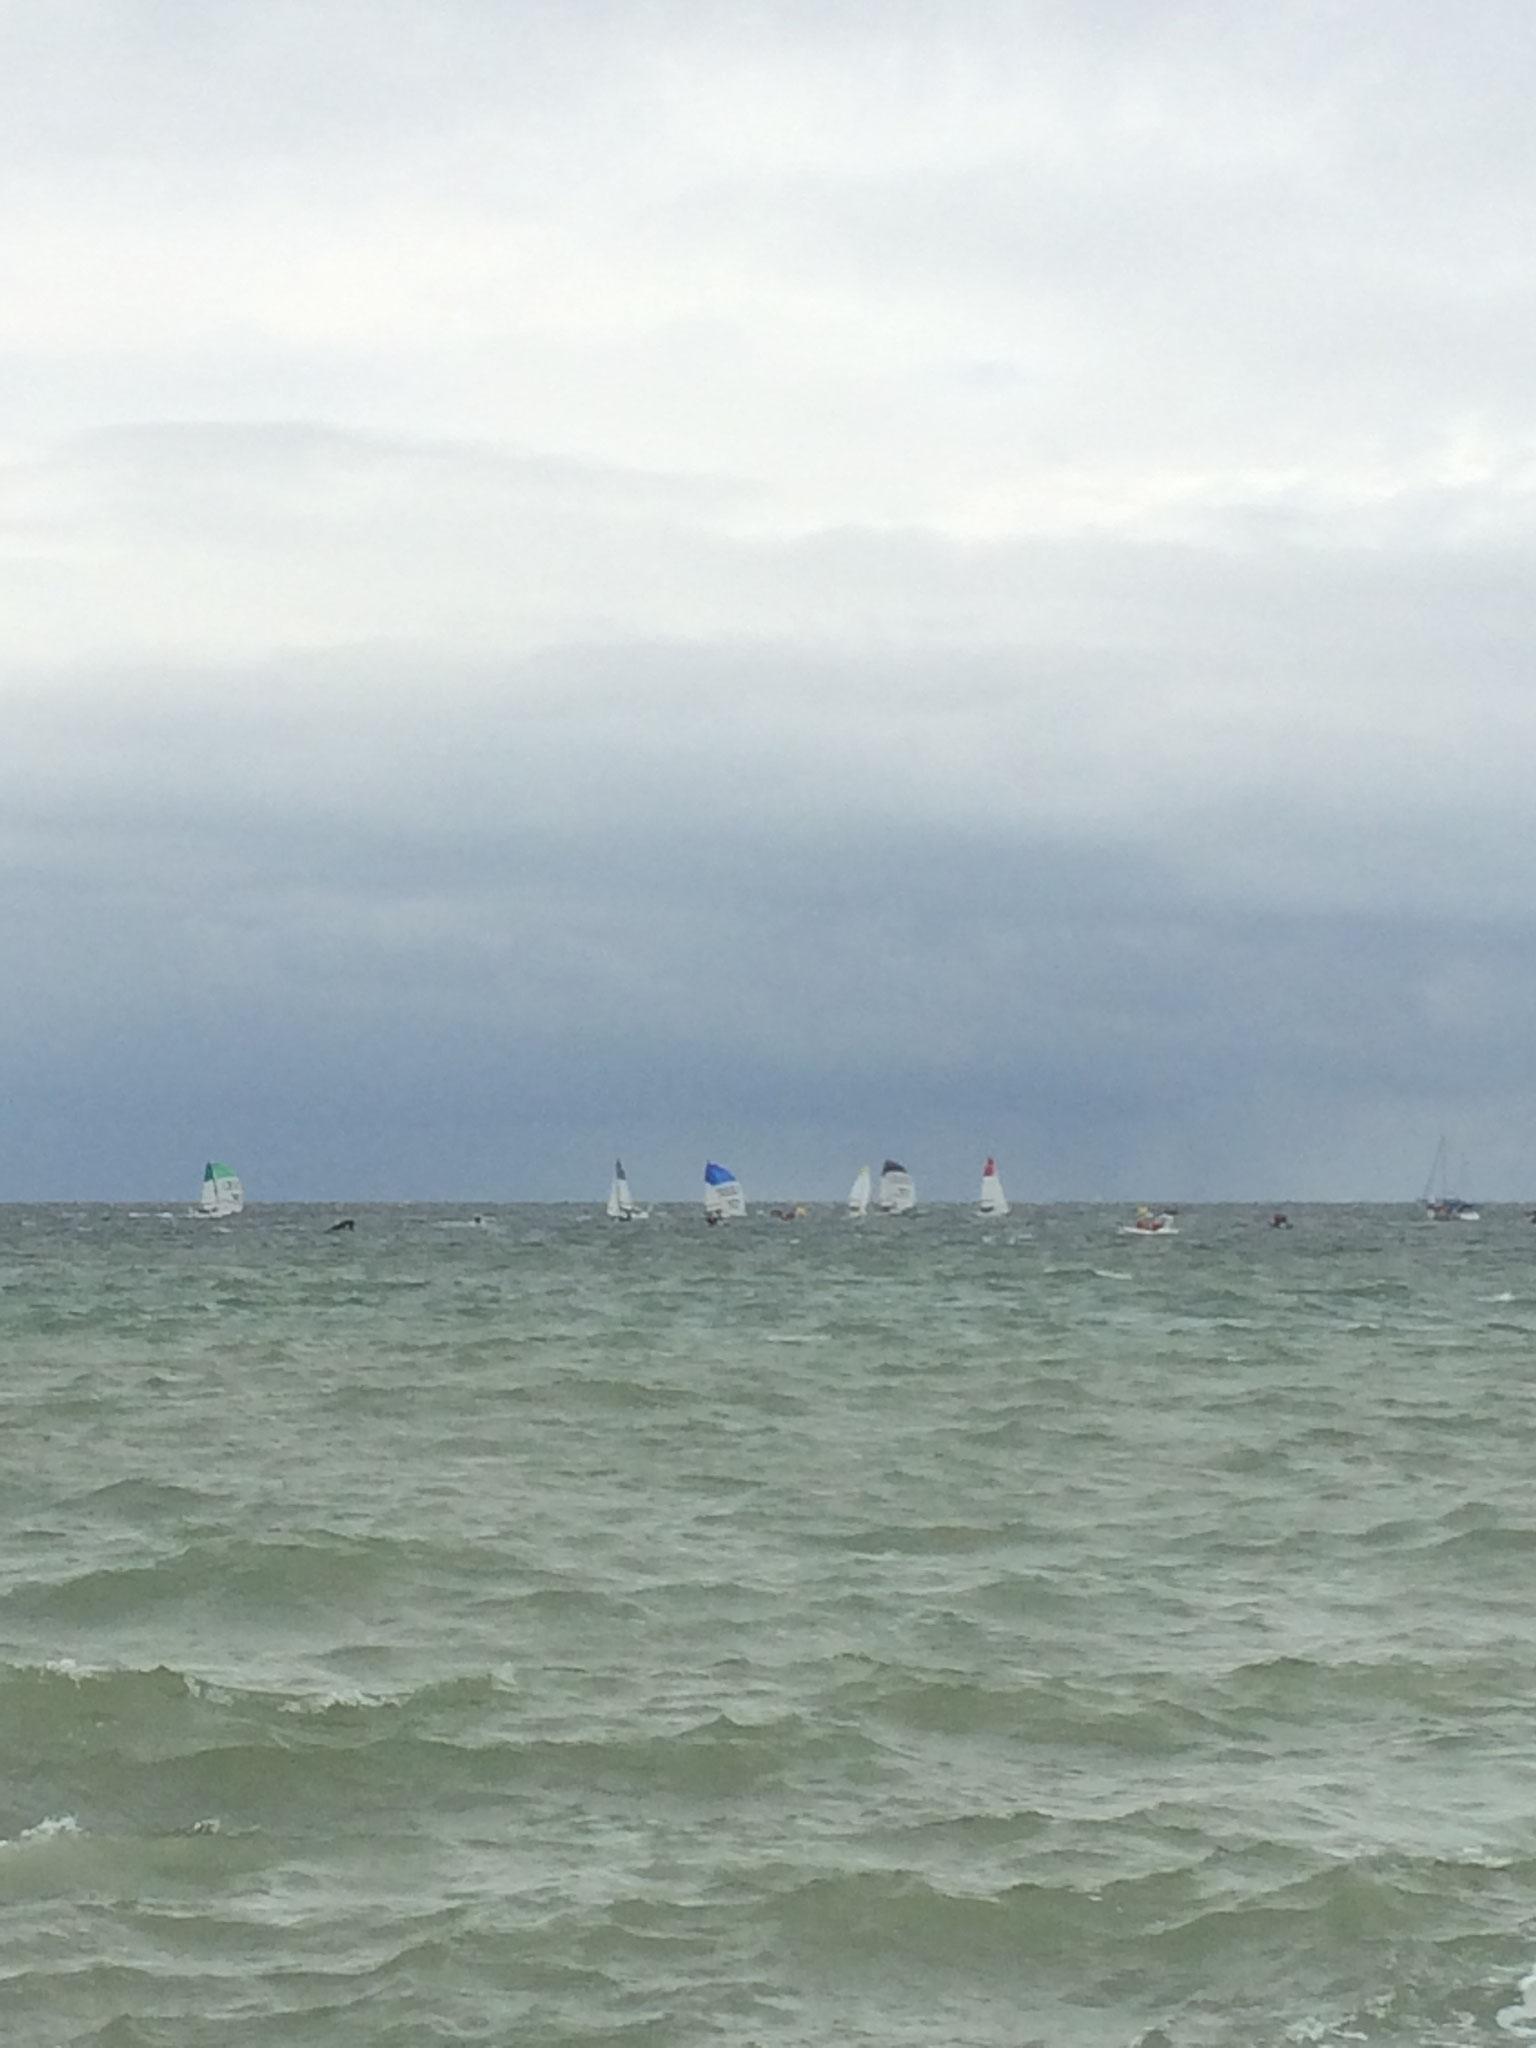 Das Regattafeld vor dem Strand